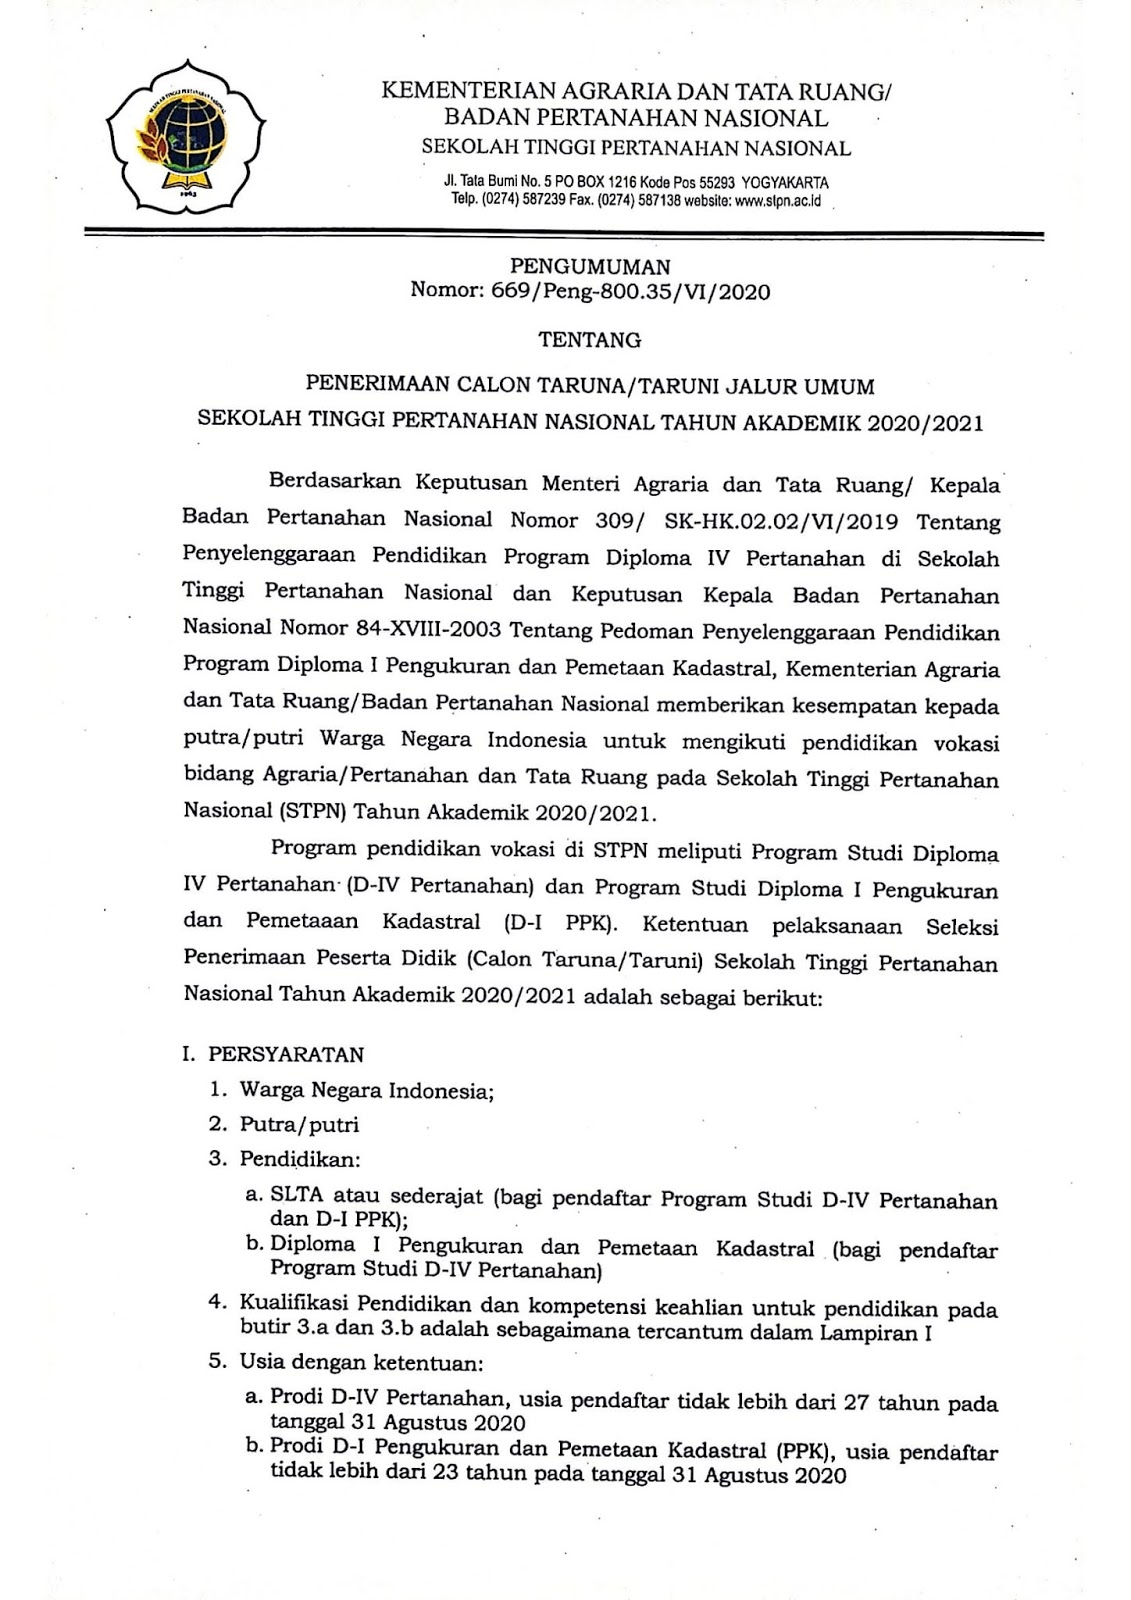 Rekrutmen Catar STPN Kementerian Agraria dan Tata Ruang / Badan Pertanahan Nasional Tahun 2020